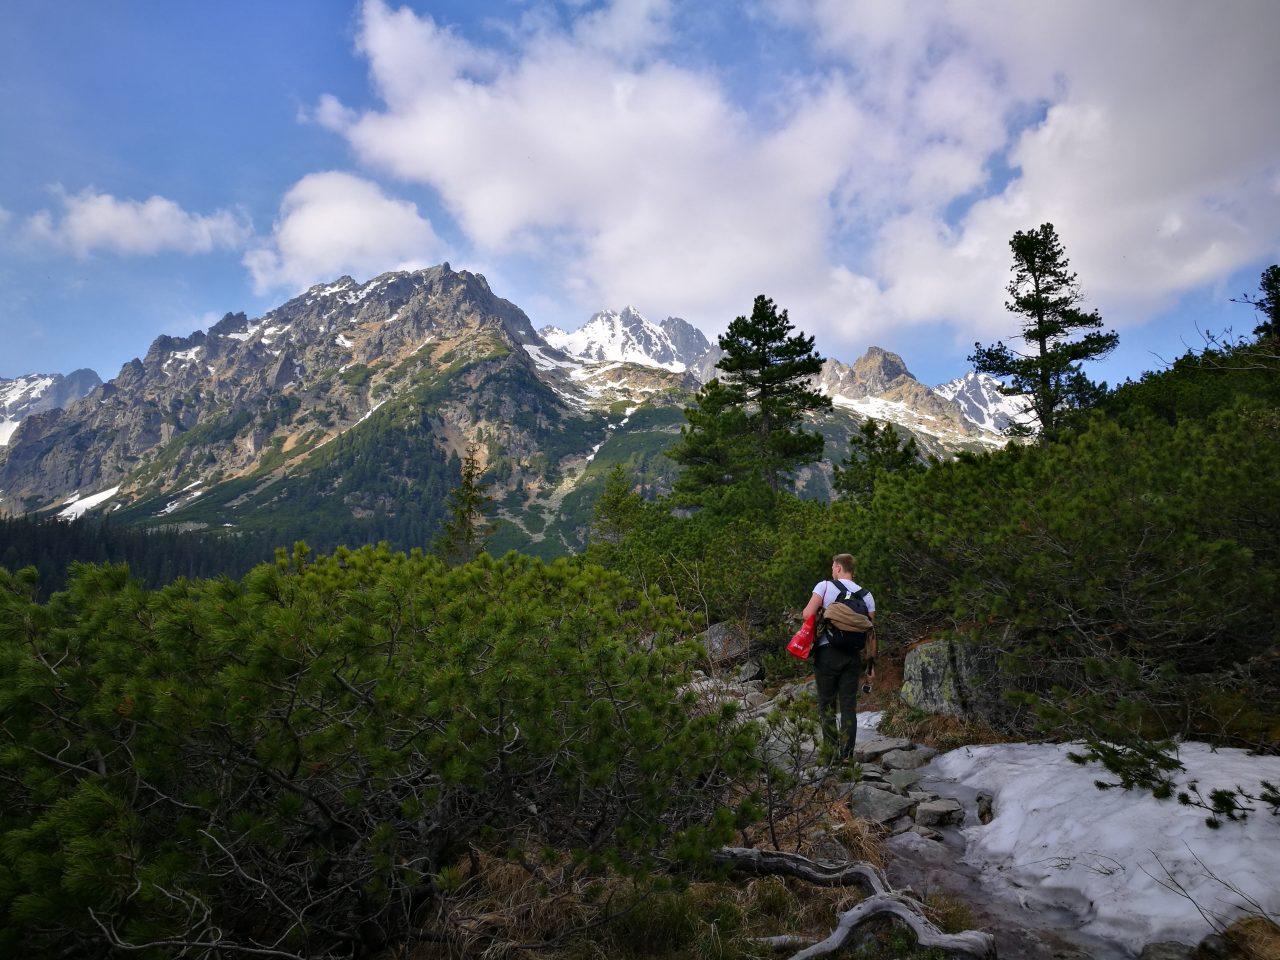 Überraschungsreise nach Georgien und ins Tatra Gebirge